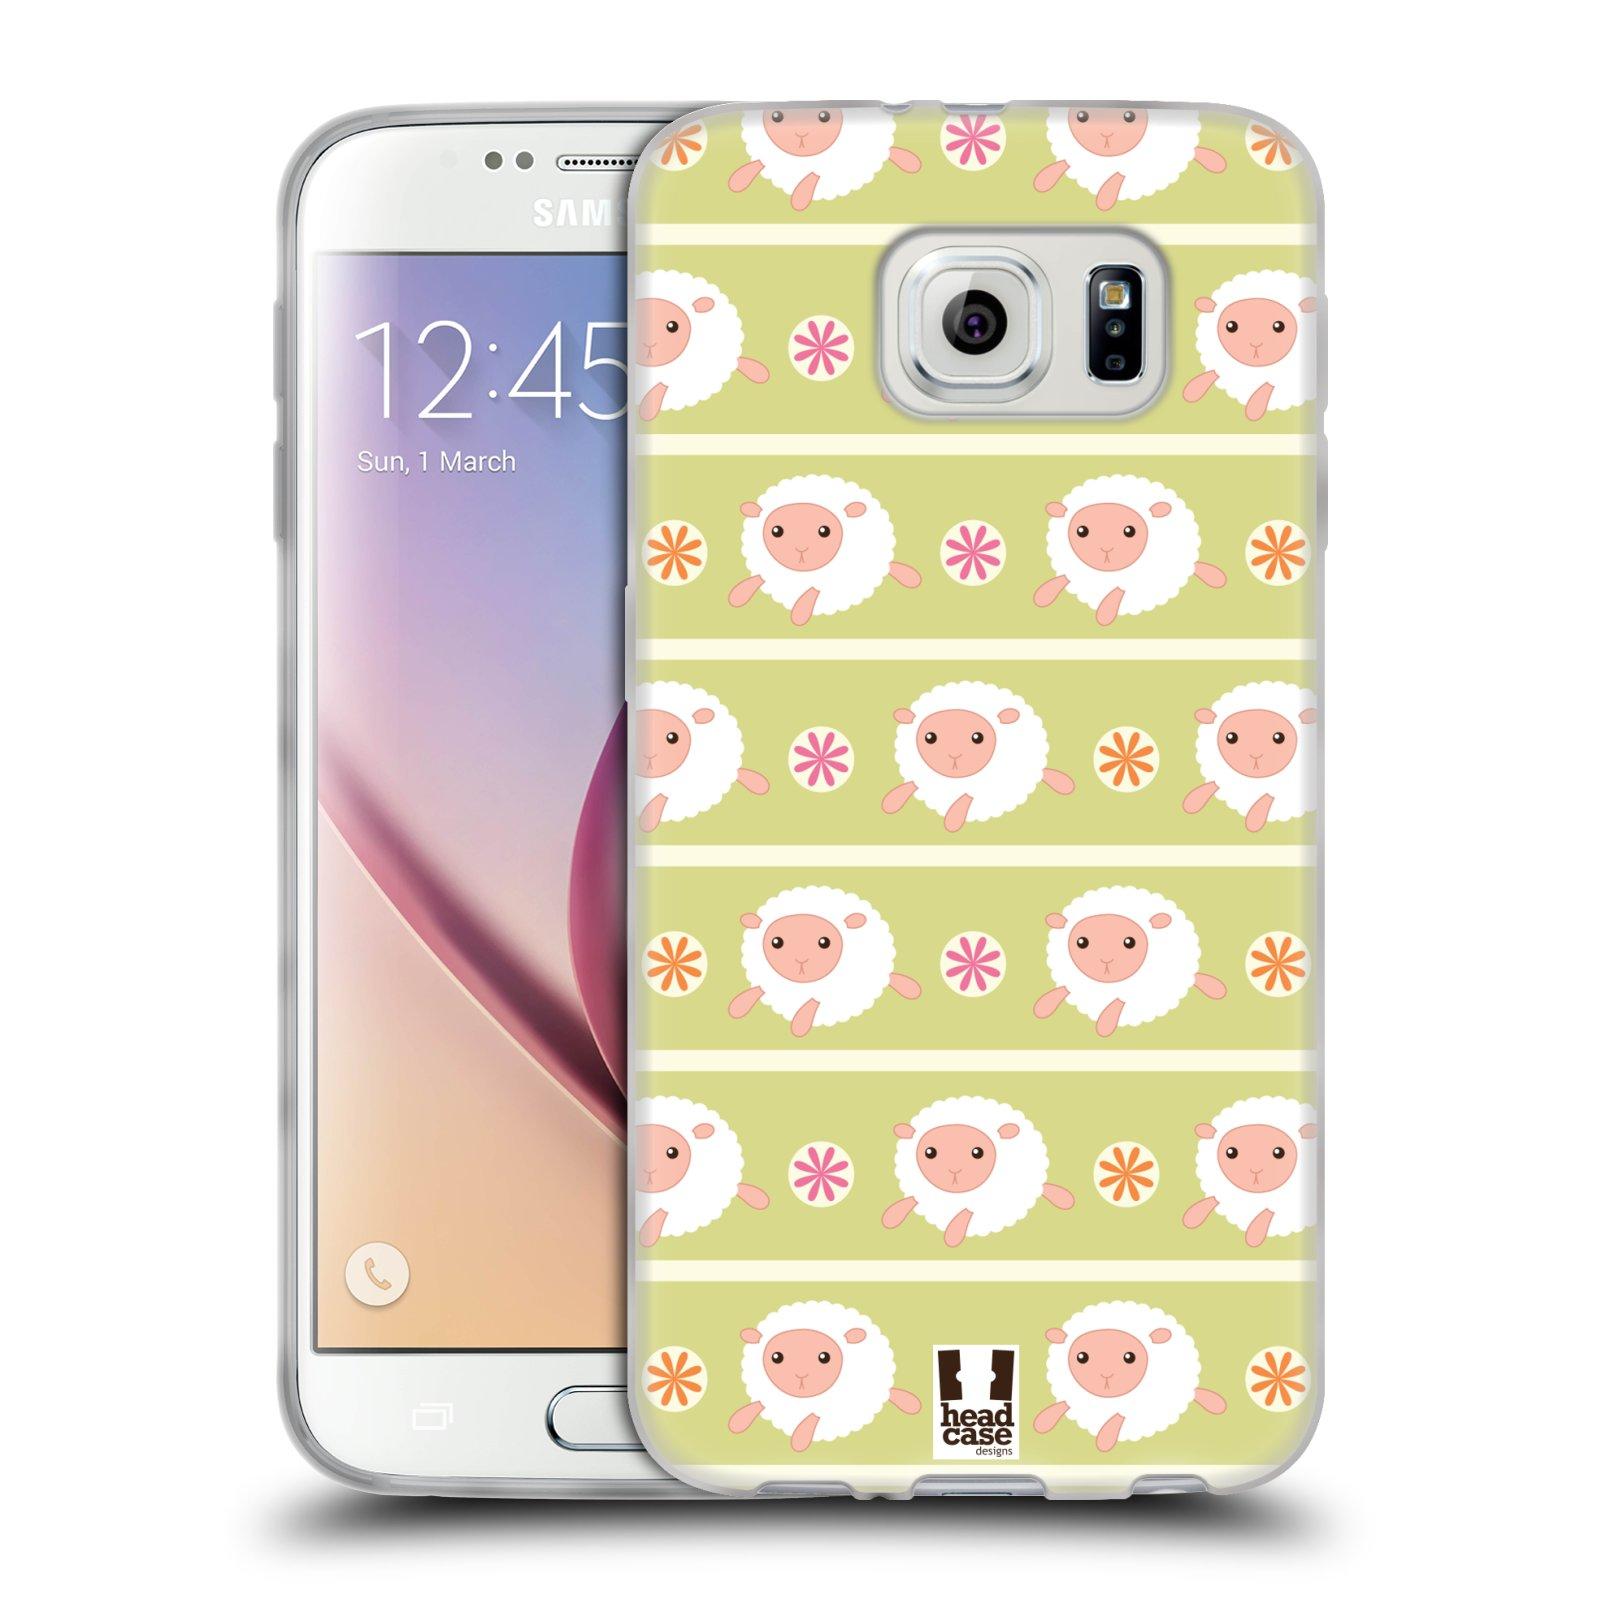 HEAD CASE silikonový obal na mobil Samsung Galaxy S6 vzor roztomilé zvířecí vzory ovečky